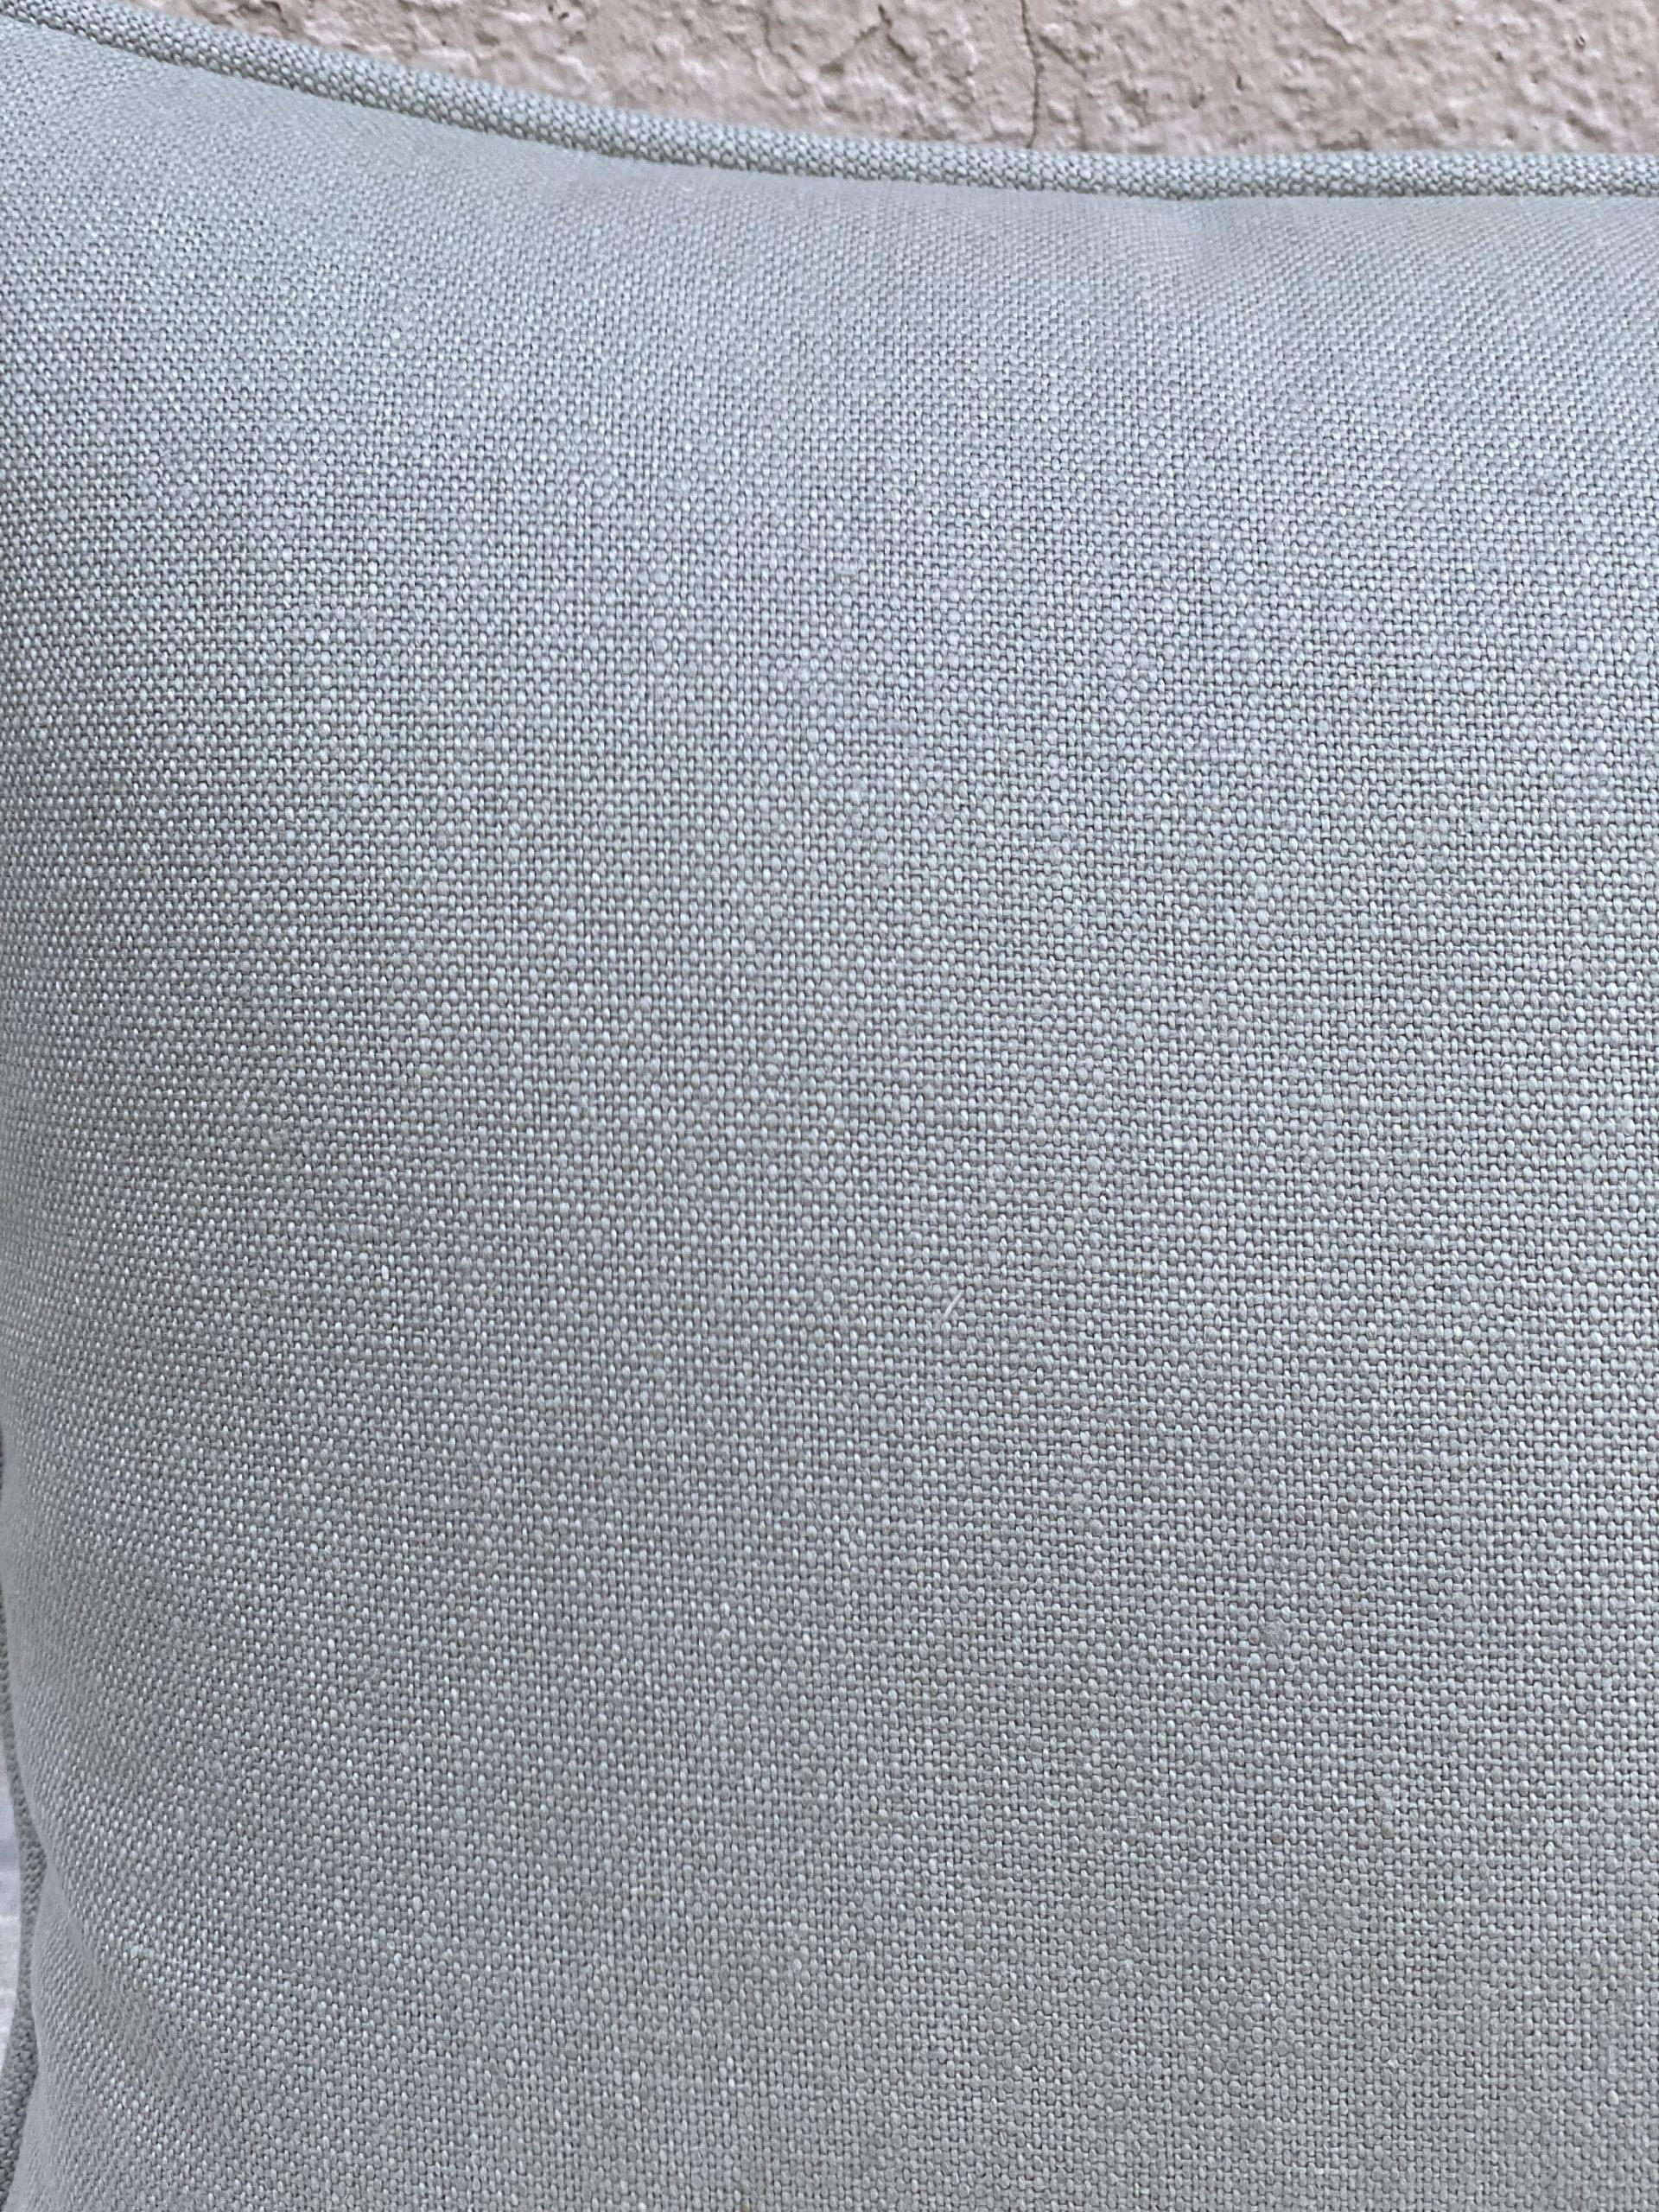 Linen Pillows